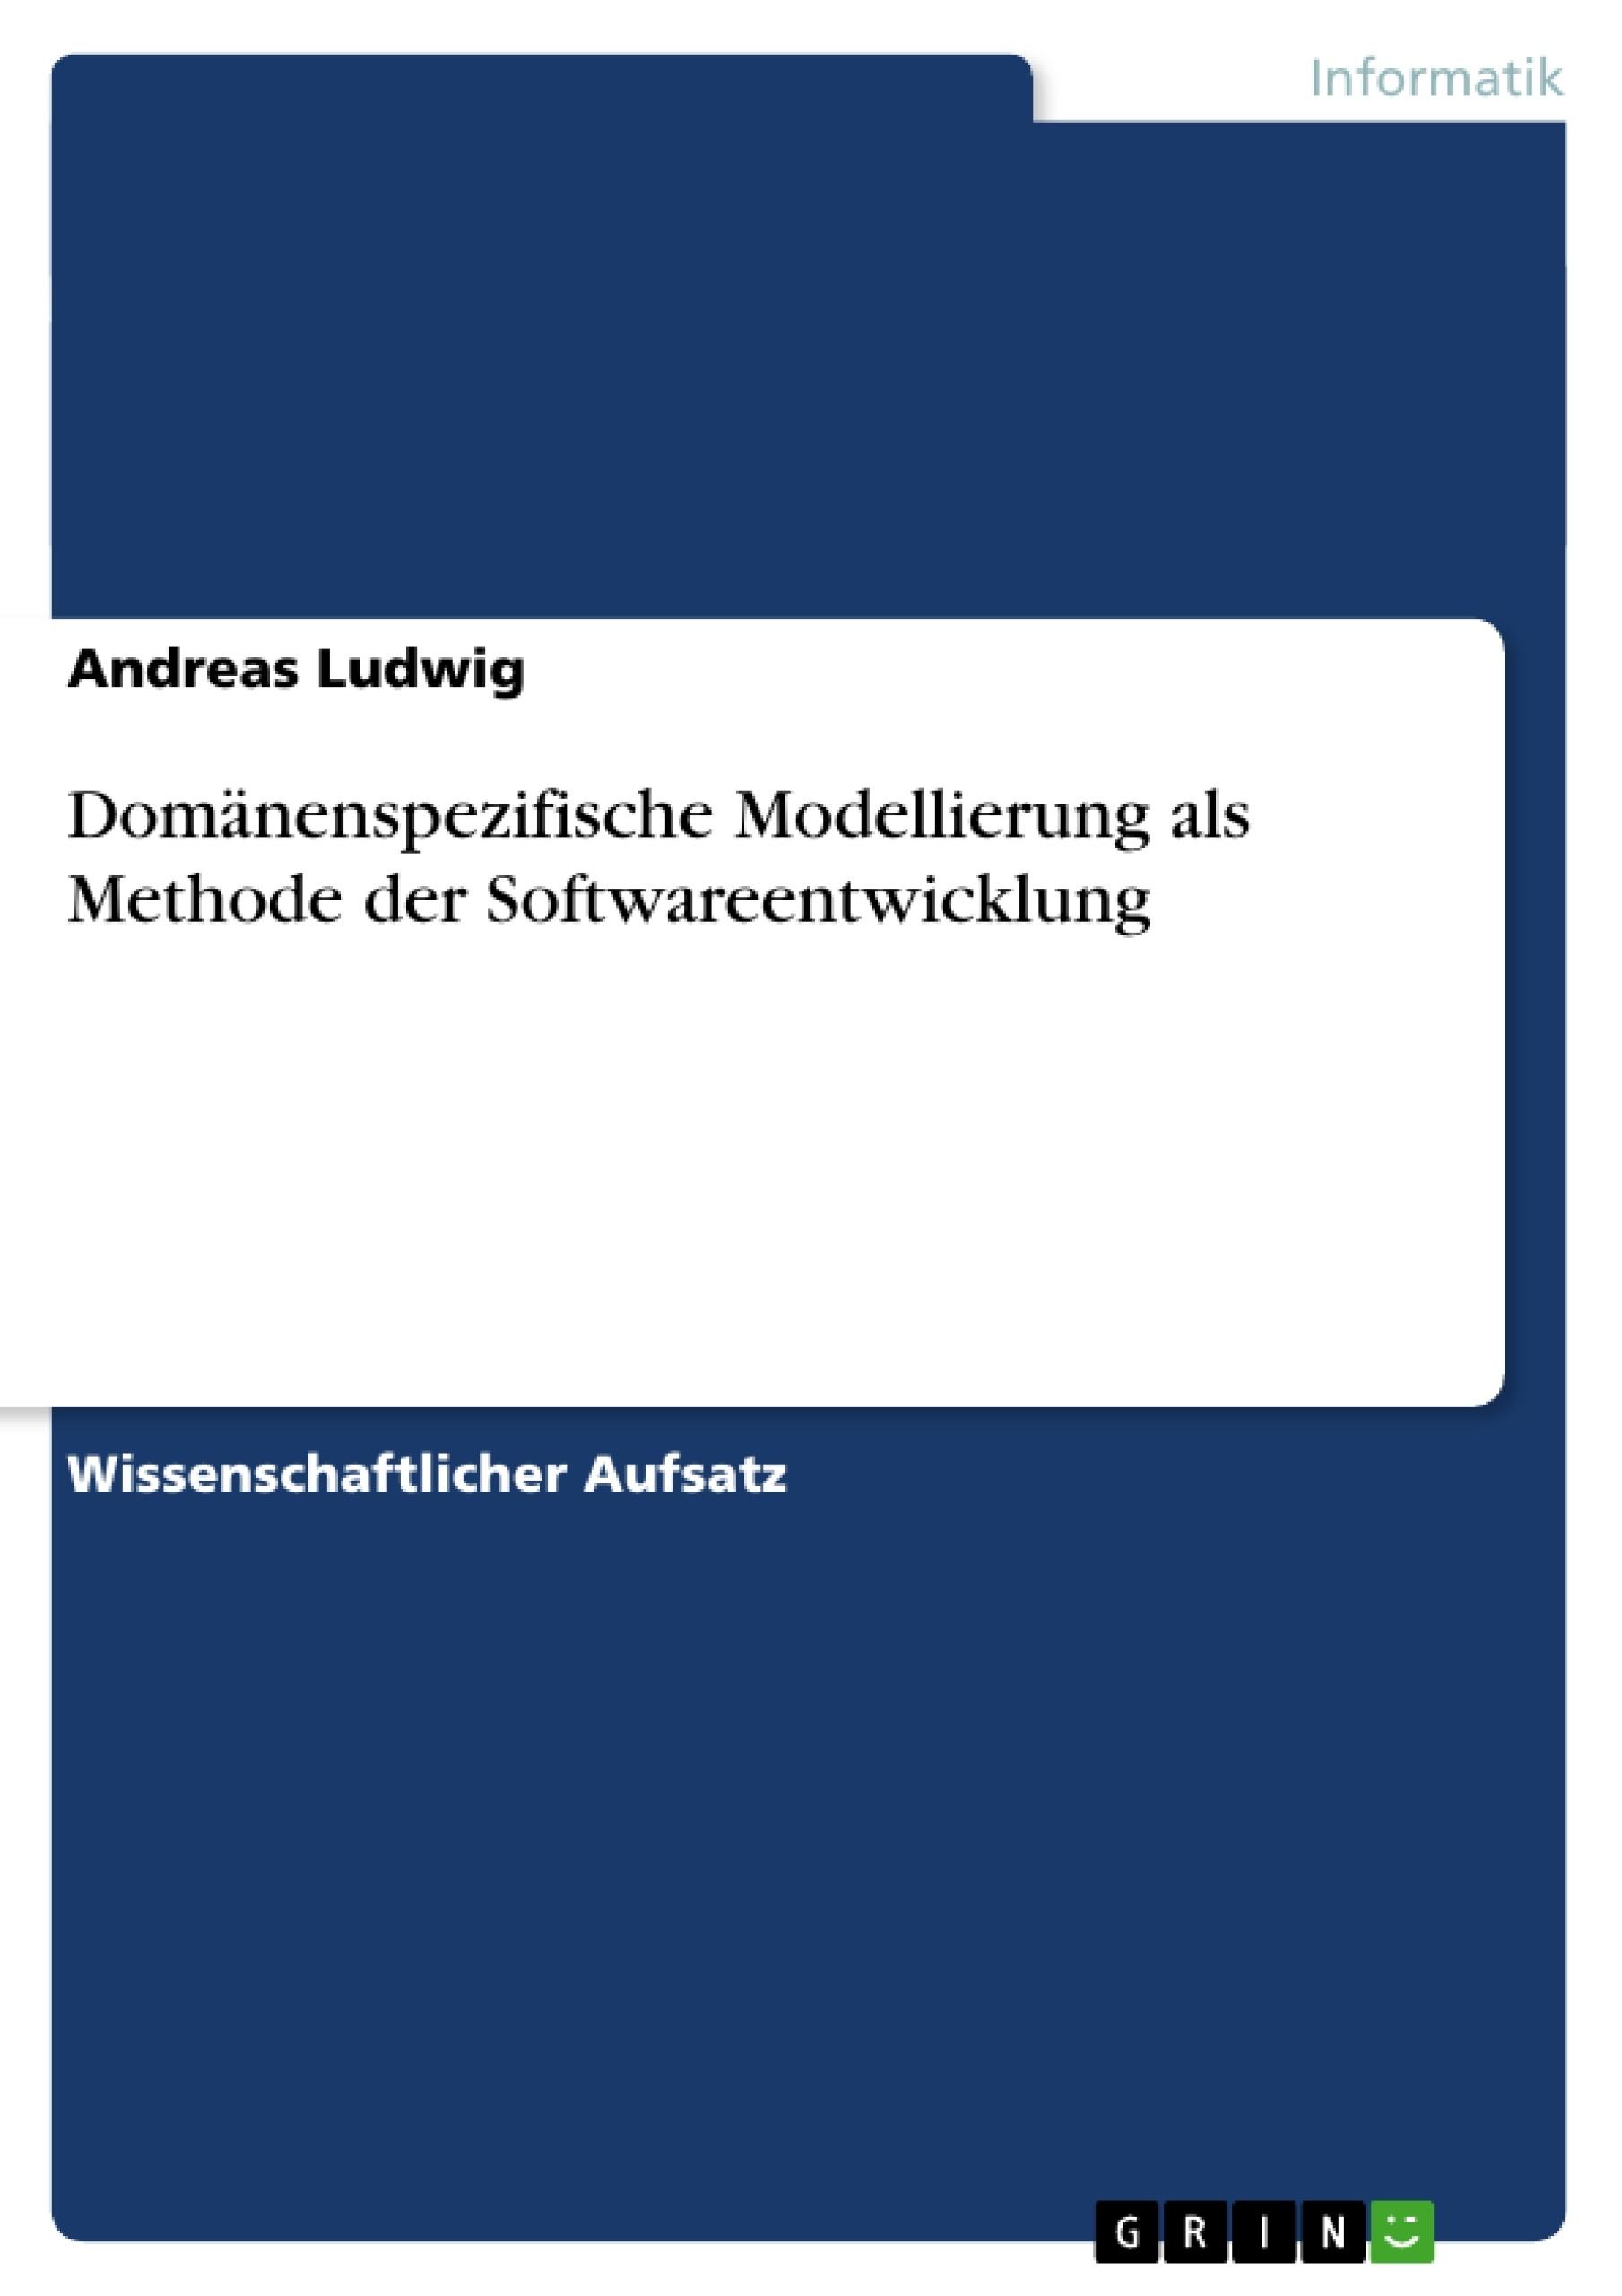 Titel: Domänenspezifische Modellierung als Methode der Softwareentwicklung